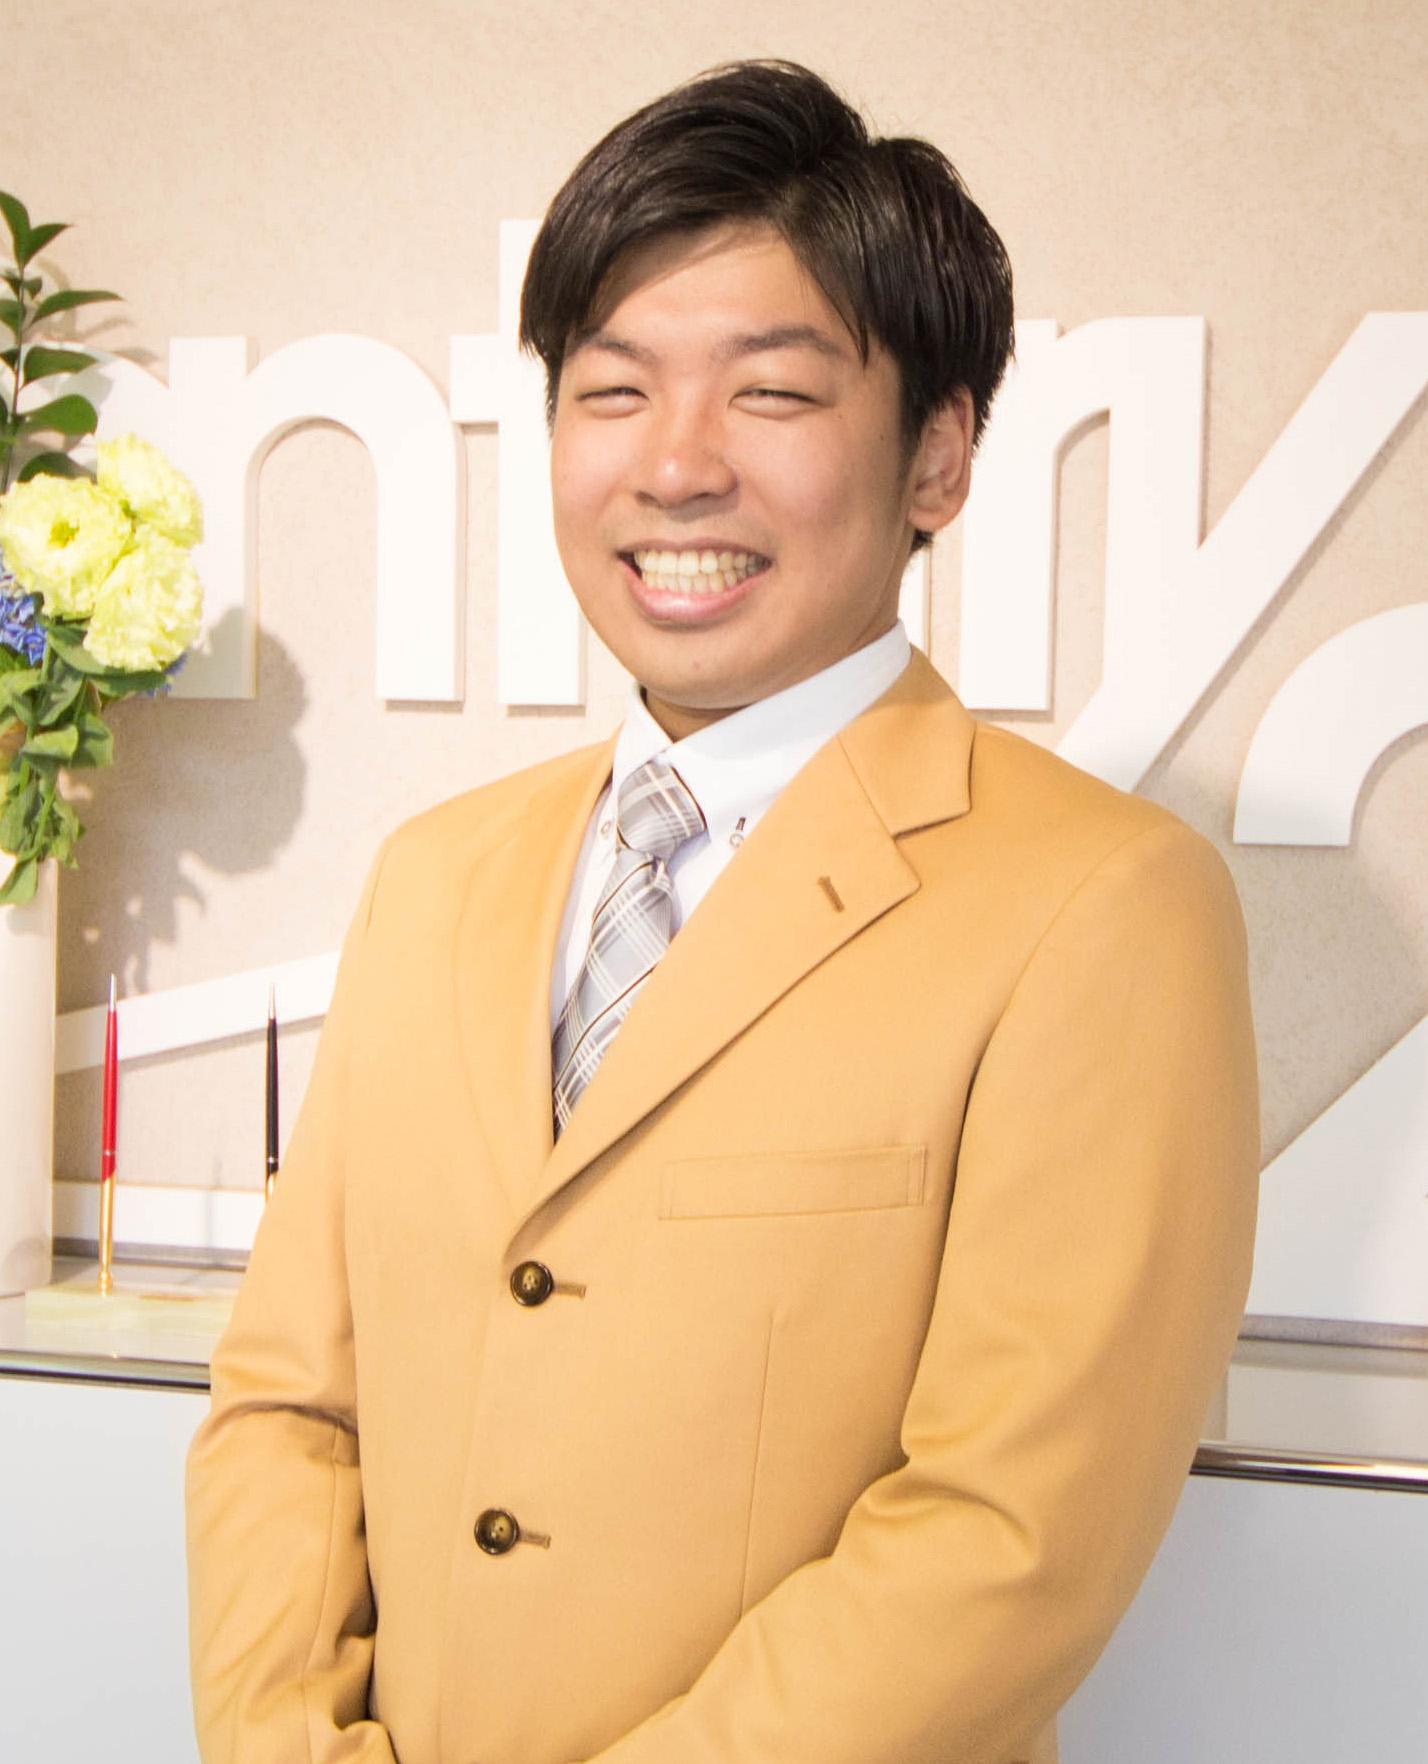 センチュリー21マトリックスレジデンシャル坂本 亨の写真